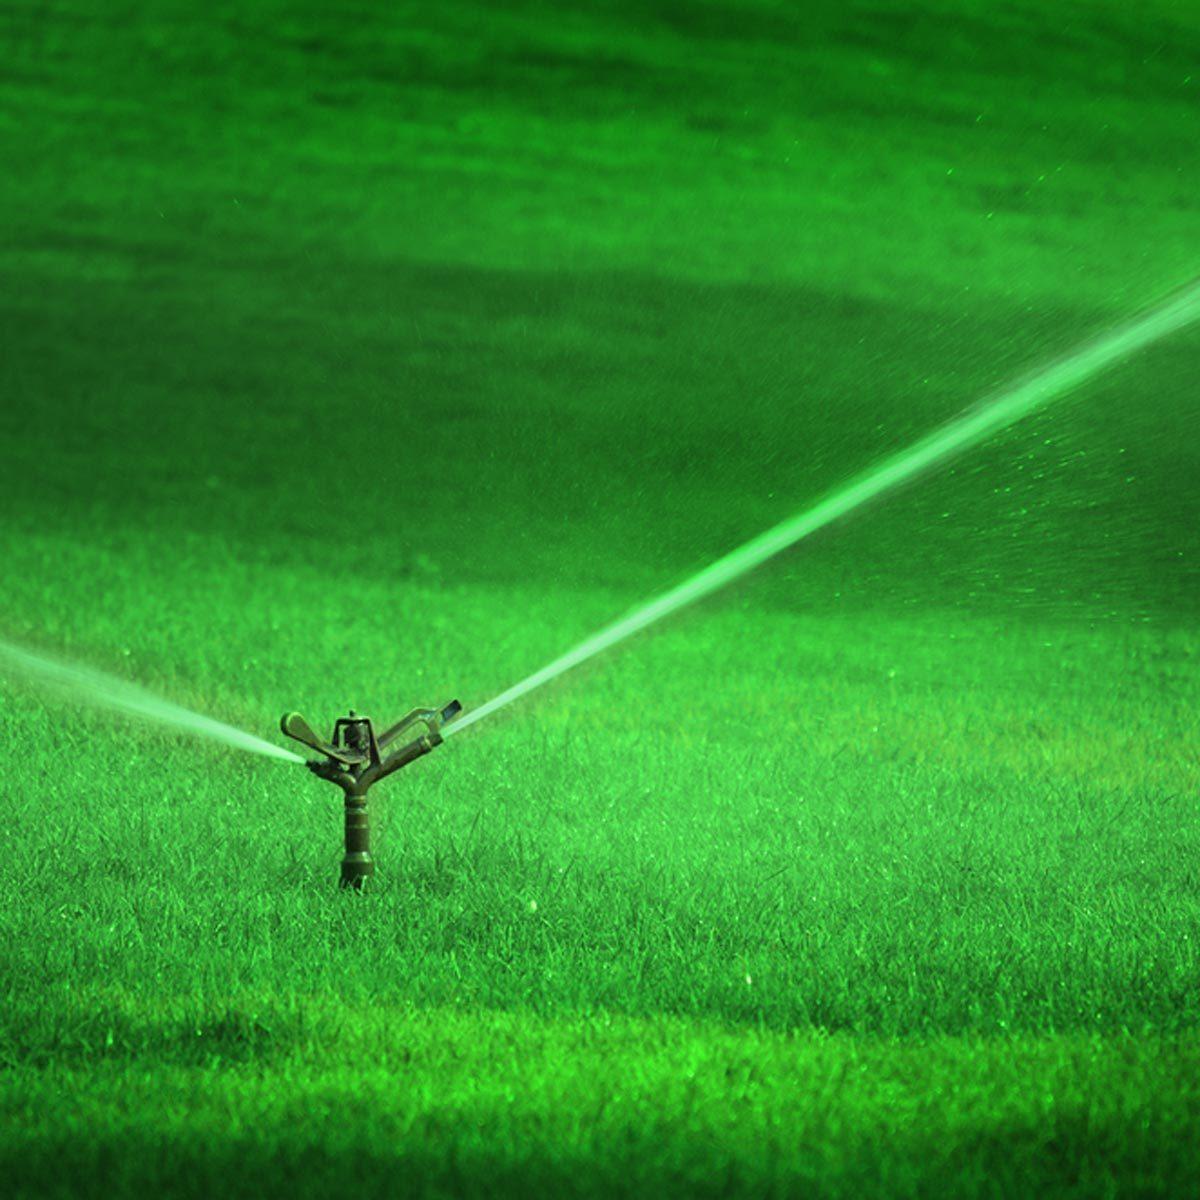 Digital Sprinkler Controller